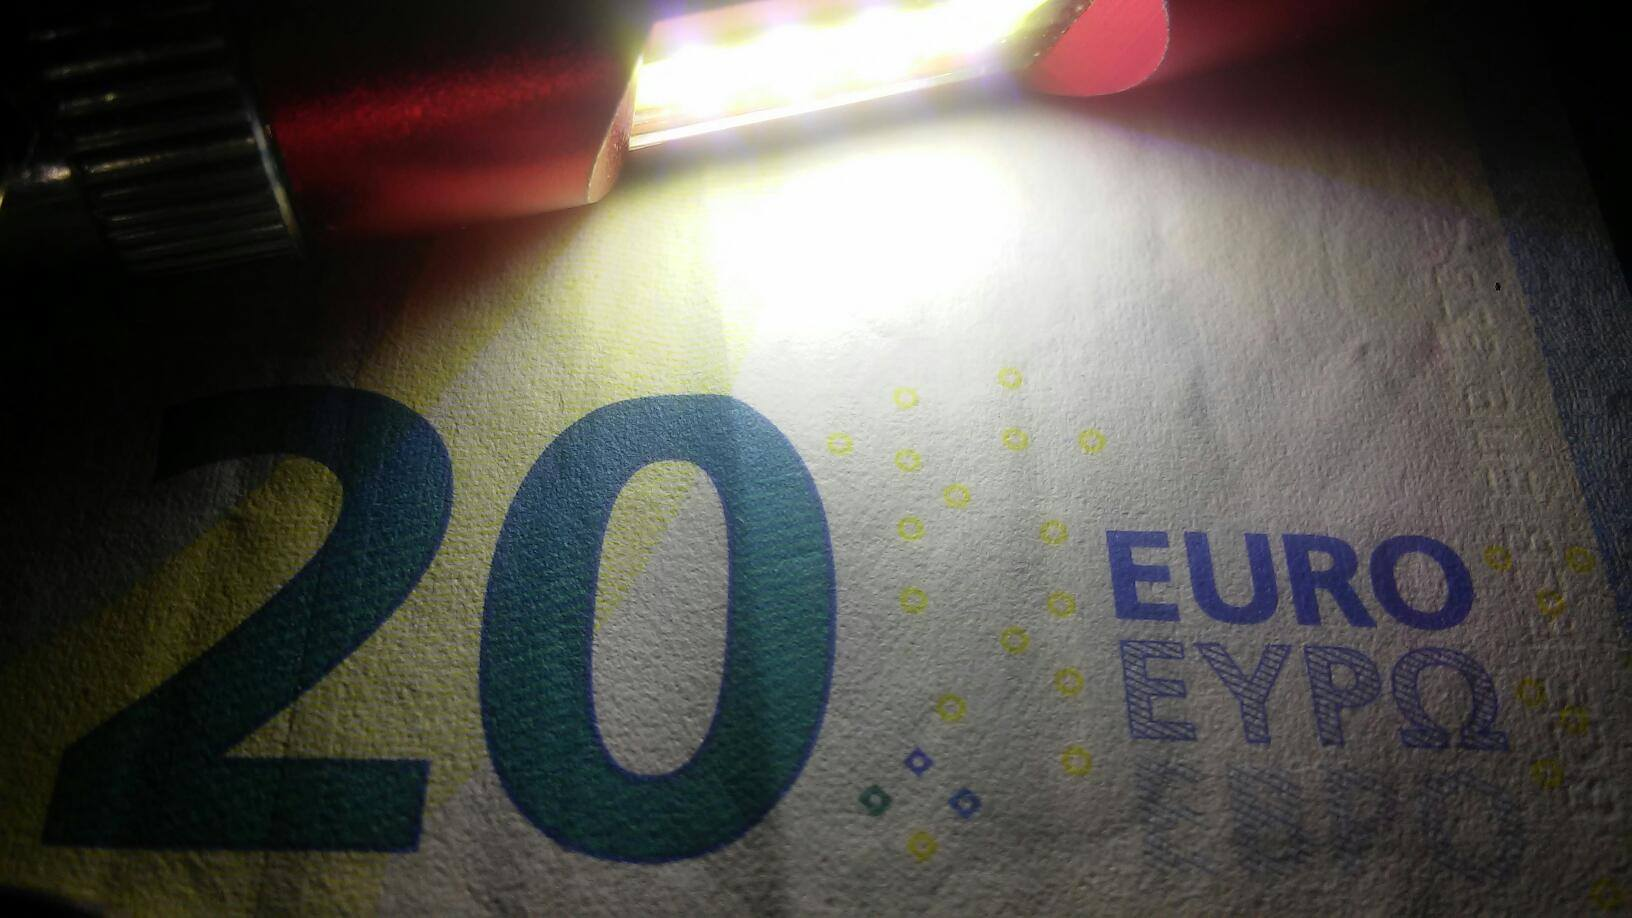 Il sistema del tasso di cambio fisso nelle operazioni di cambio valute: caratteristiche e storia